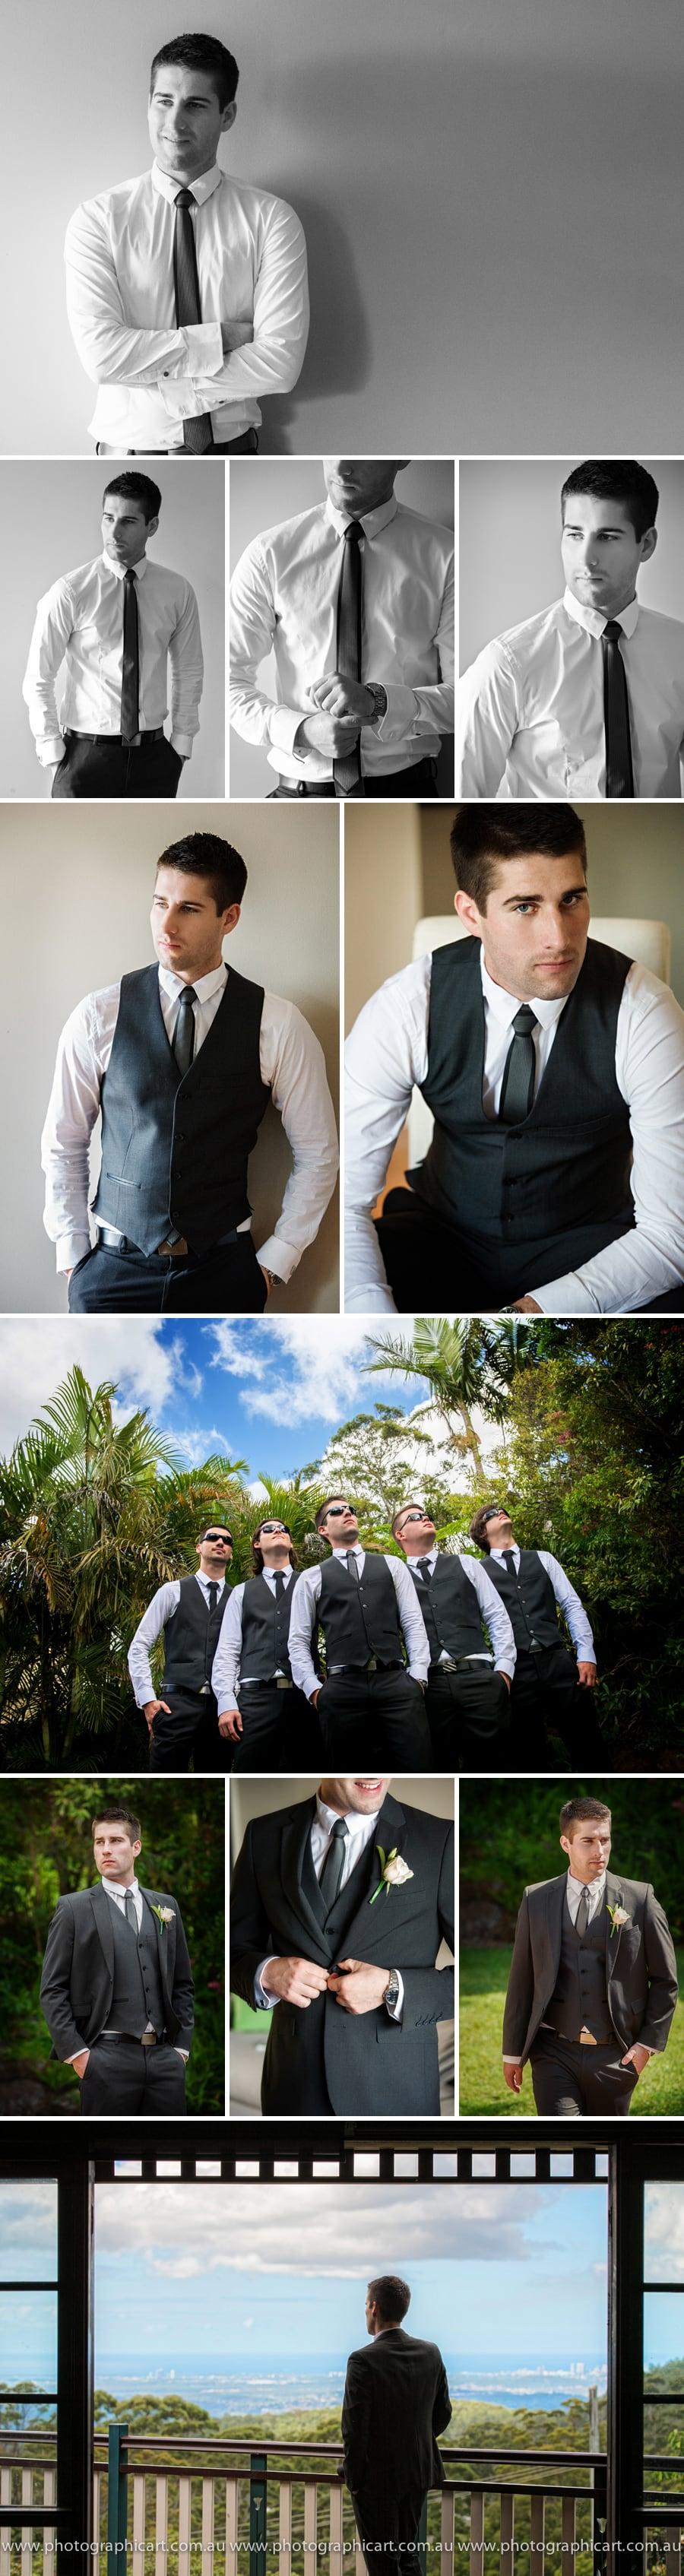 www.photographicart.com.au/newsite-0112